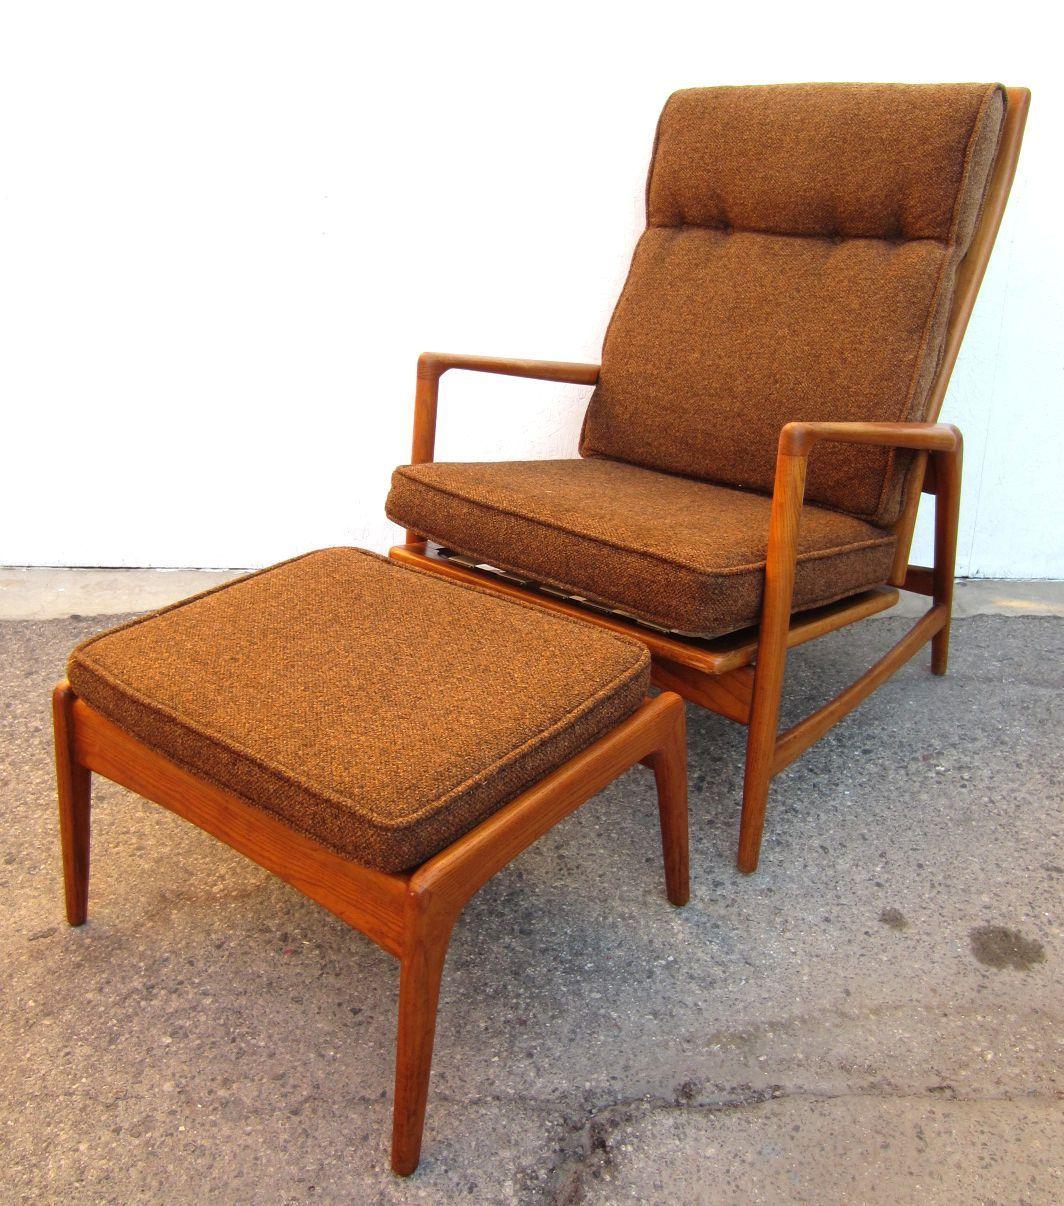 Danish Modern Chair And Ottoman | Atcsagacity.com